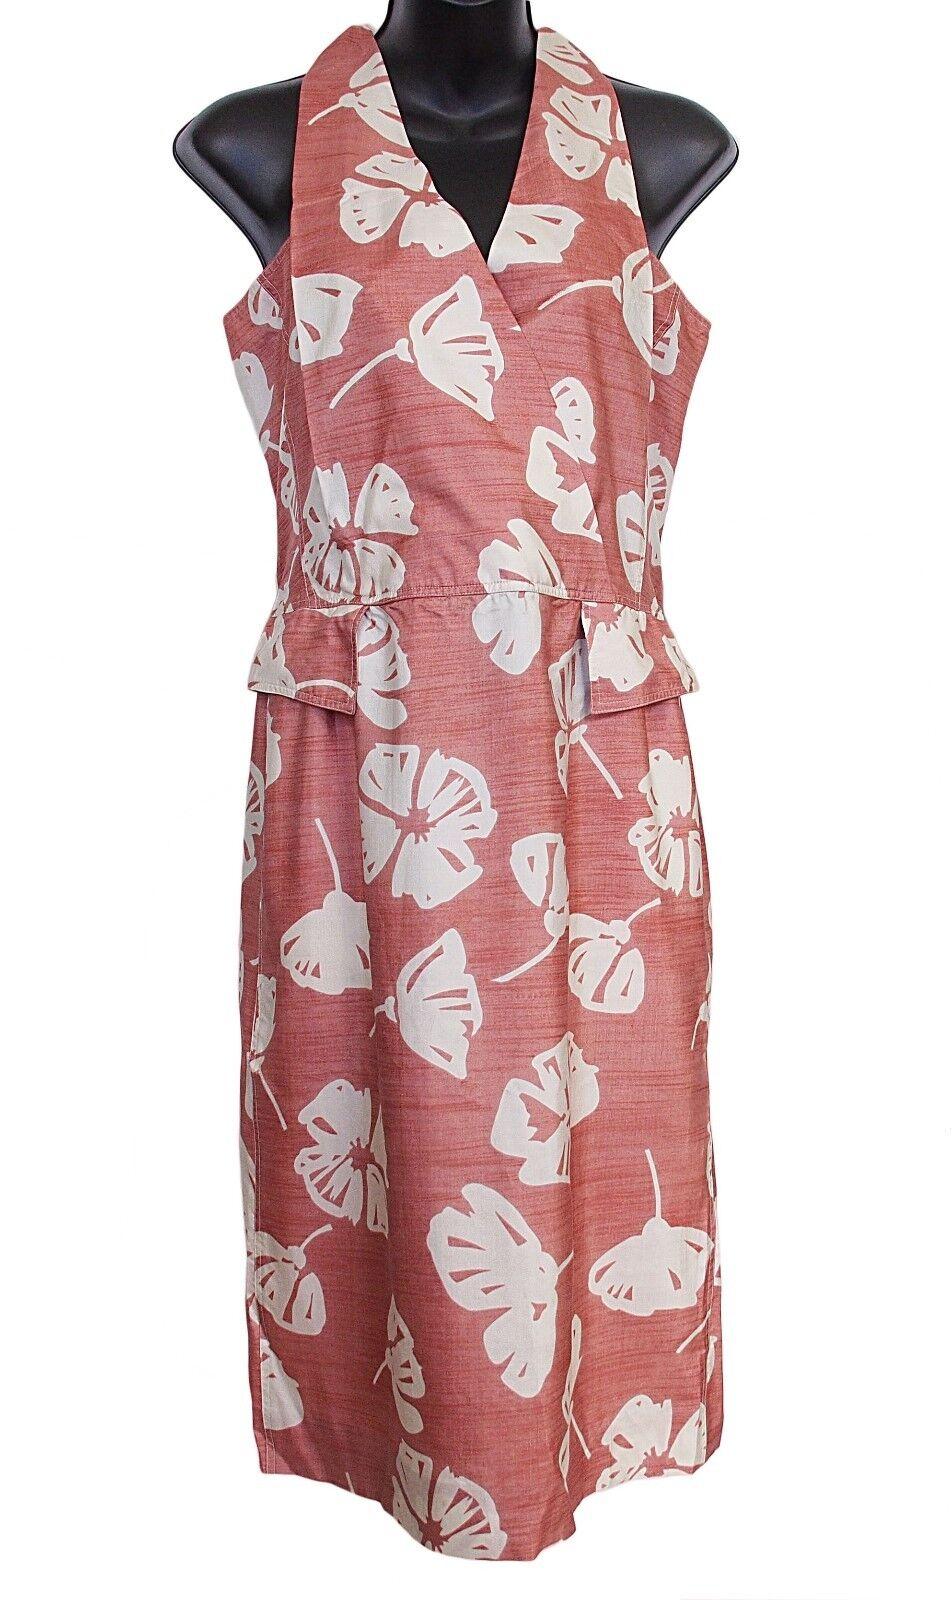 COURREGES Paris Dress 100% Silk Sleeveless Sleeveless Sleeveless Flower Print Size FR 38 US 6 8b73d1